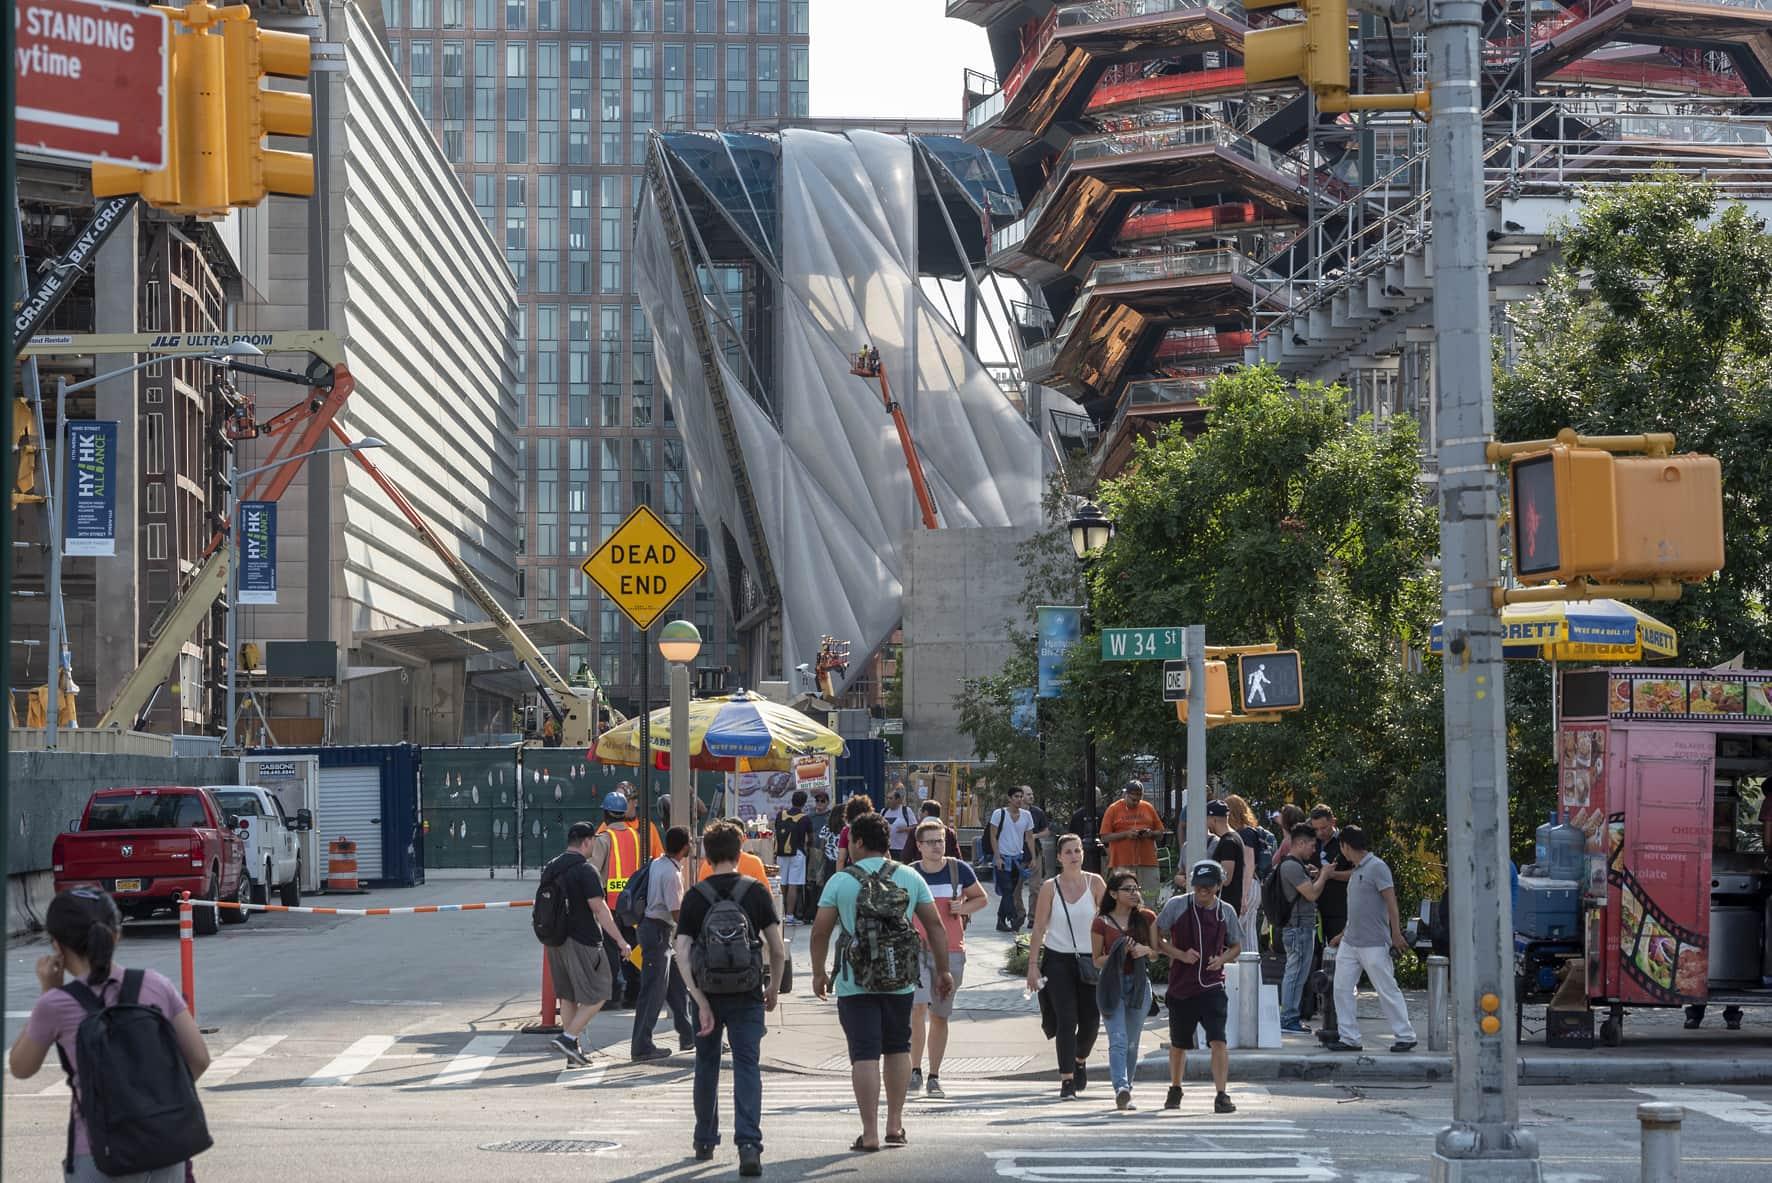 Mit diesem Projekt hat man Raum für Performances und Kunst in New Yorks neuer Nachbarschaft geschaffen. (Bild: Timothy Schenck)